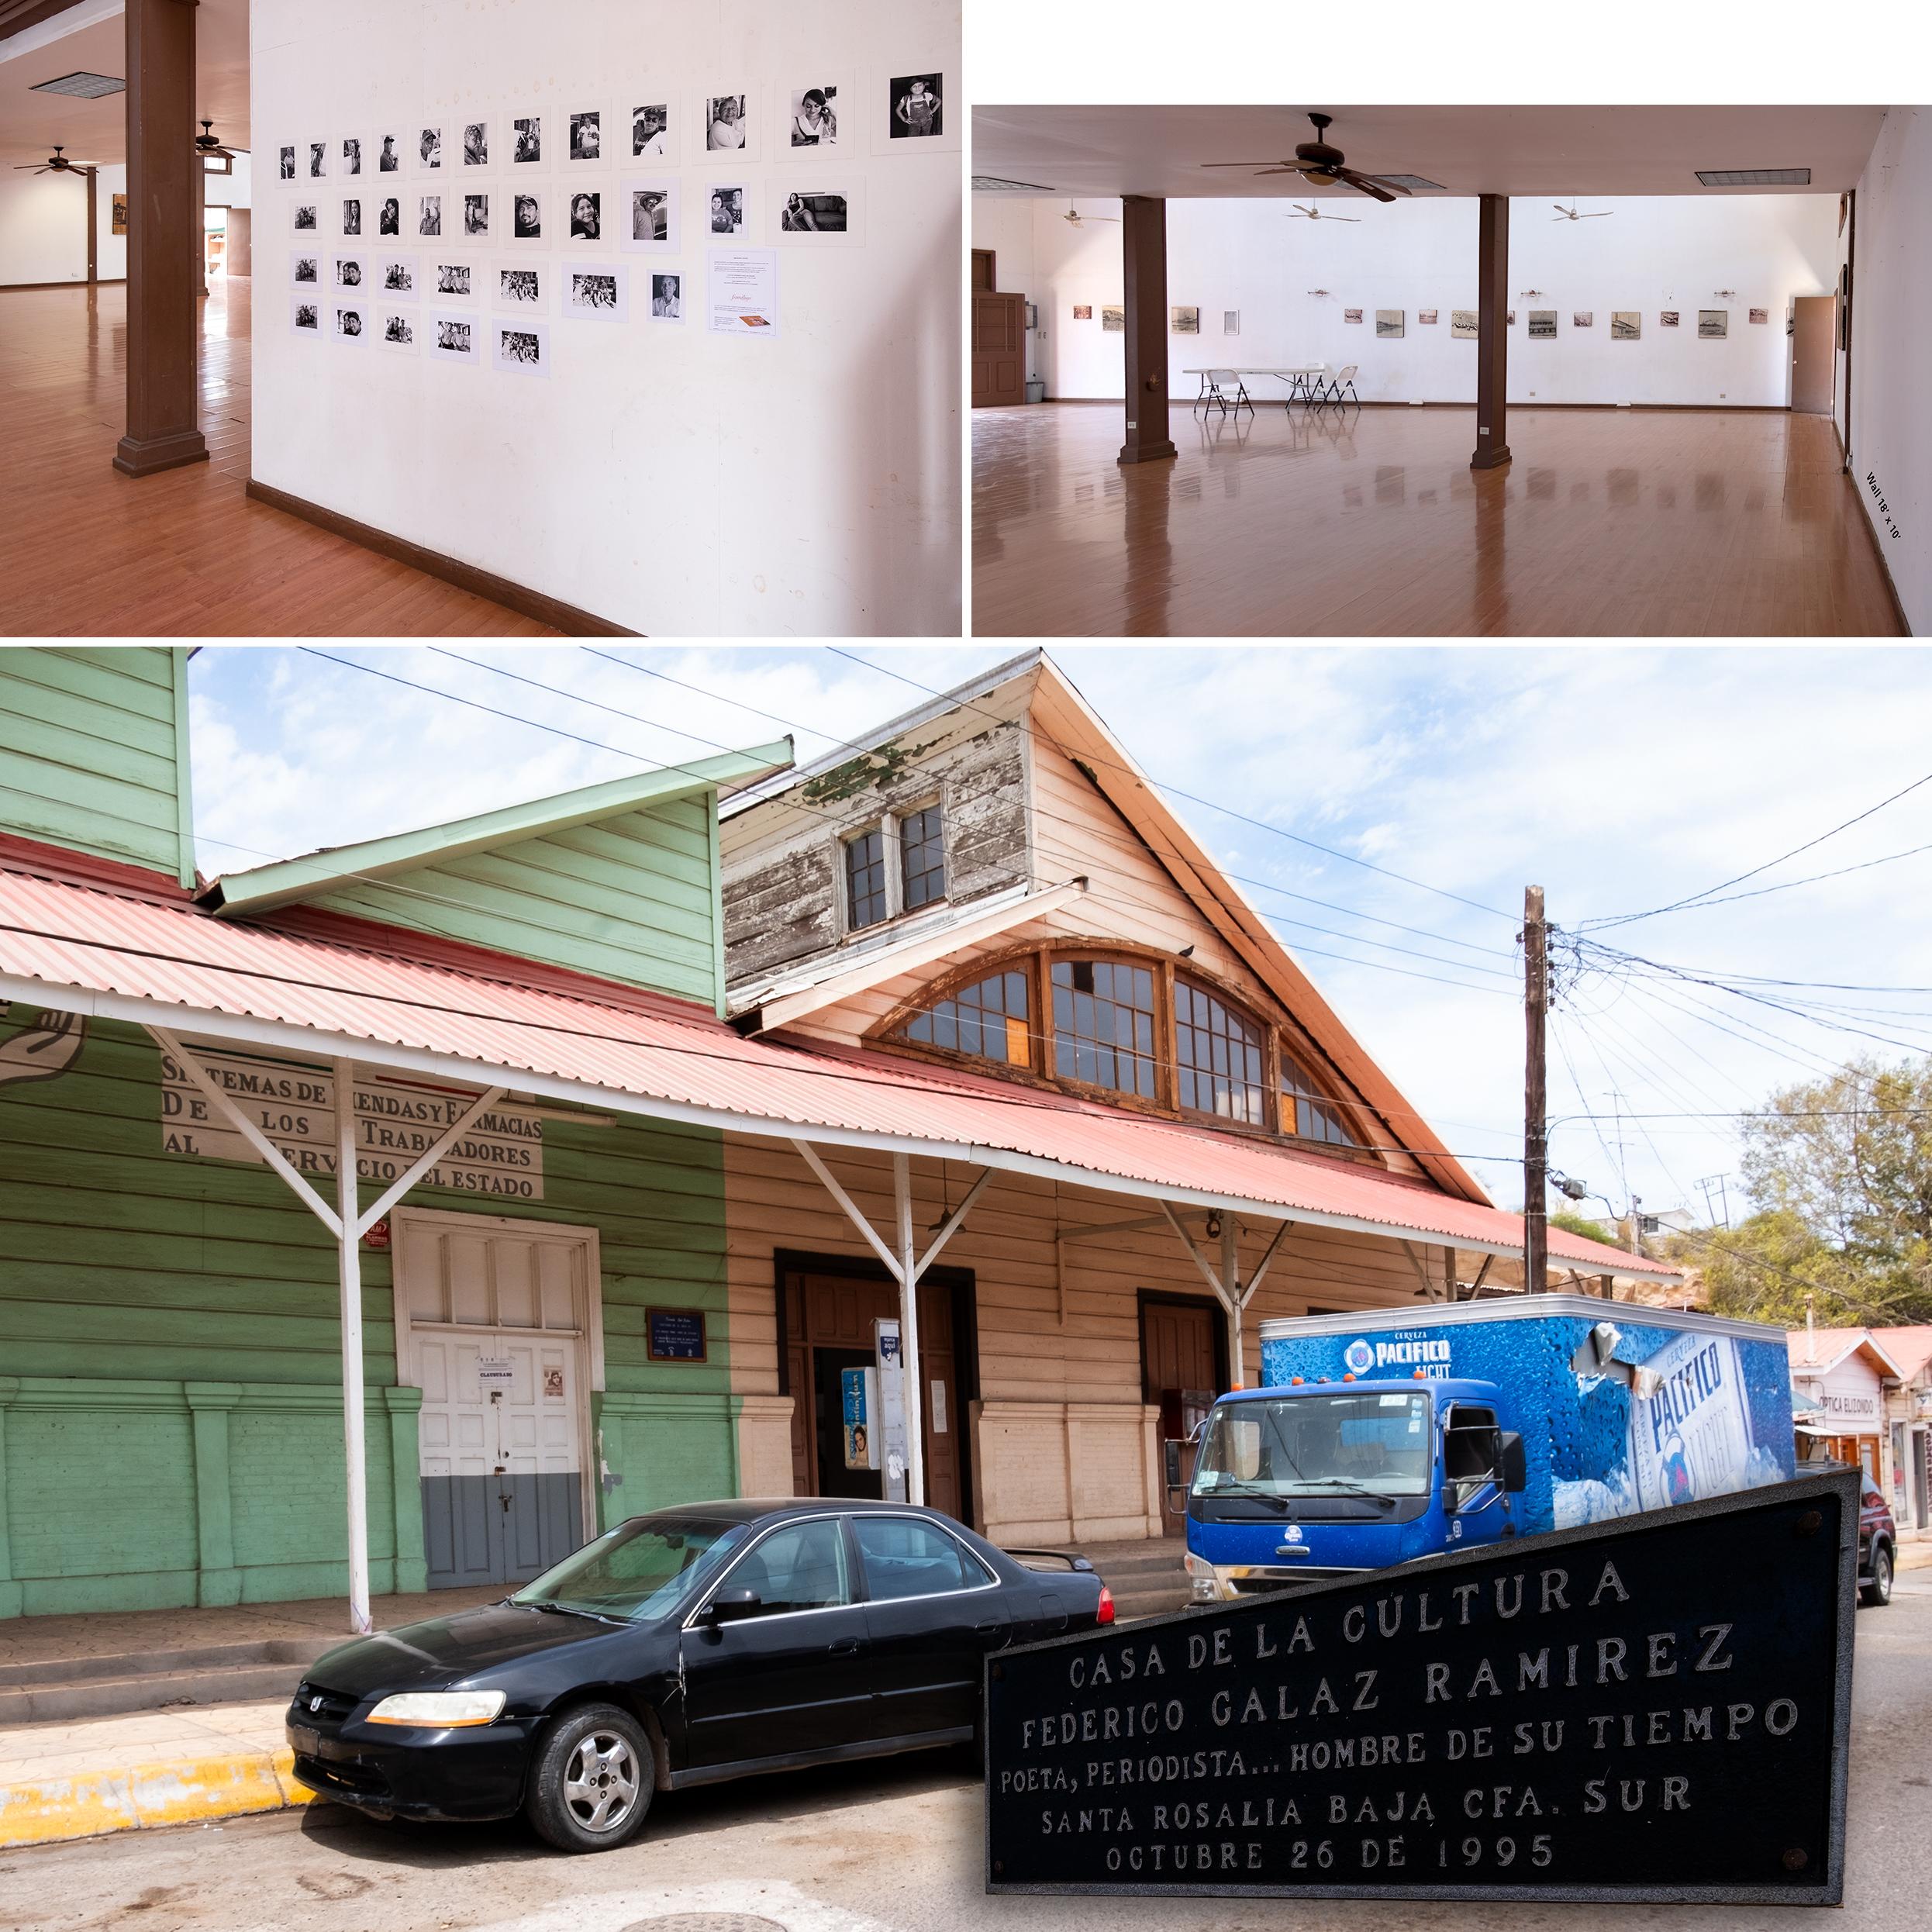 Casa de la Cultura, Santa Rosalia